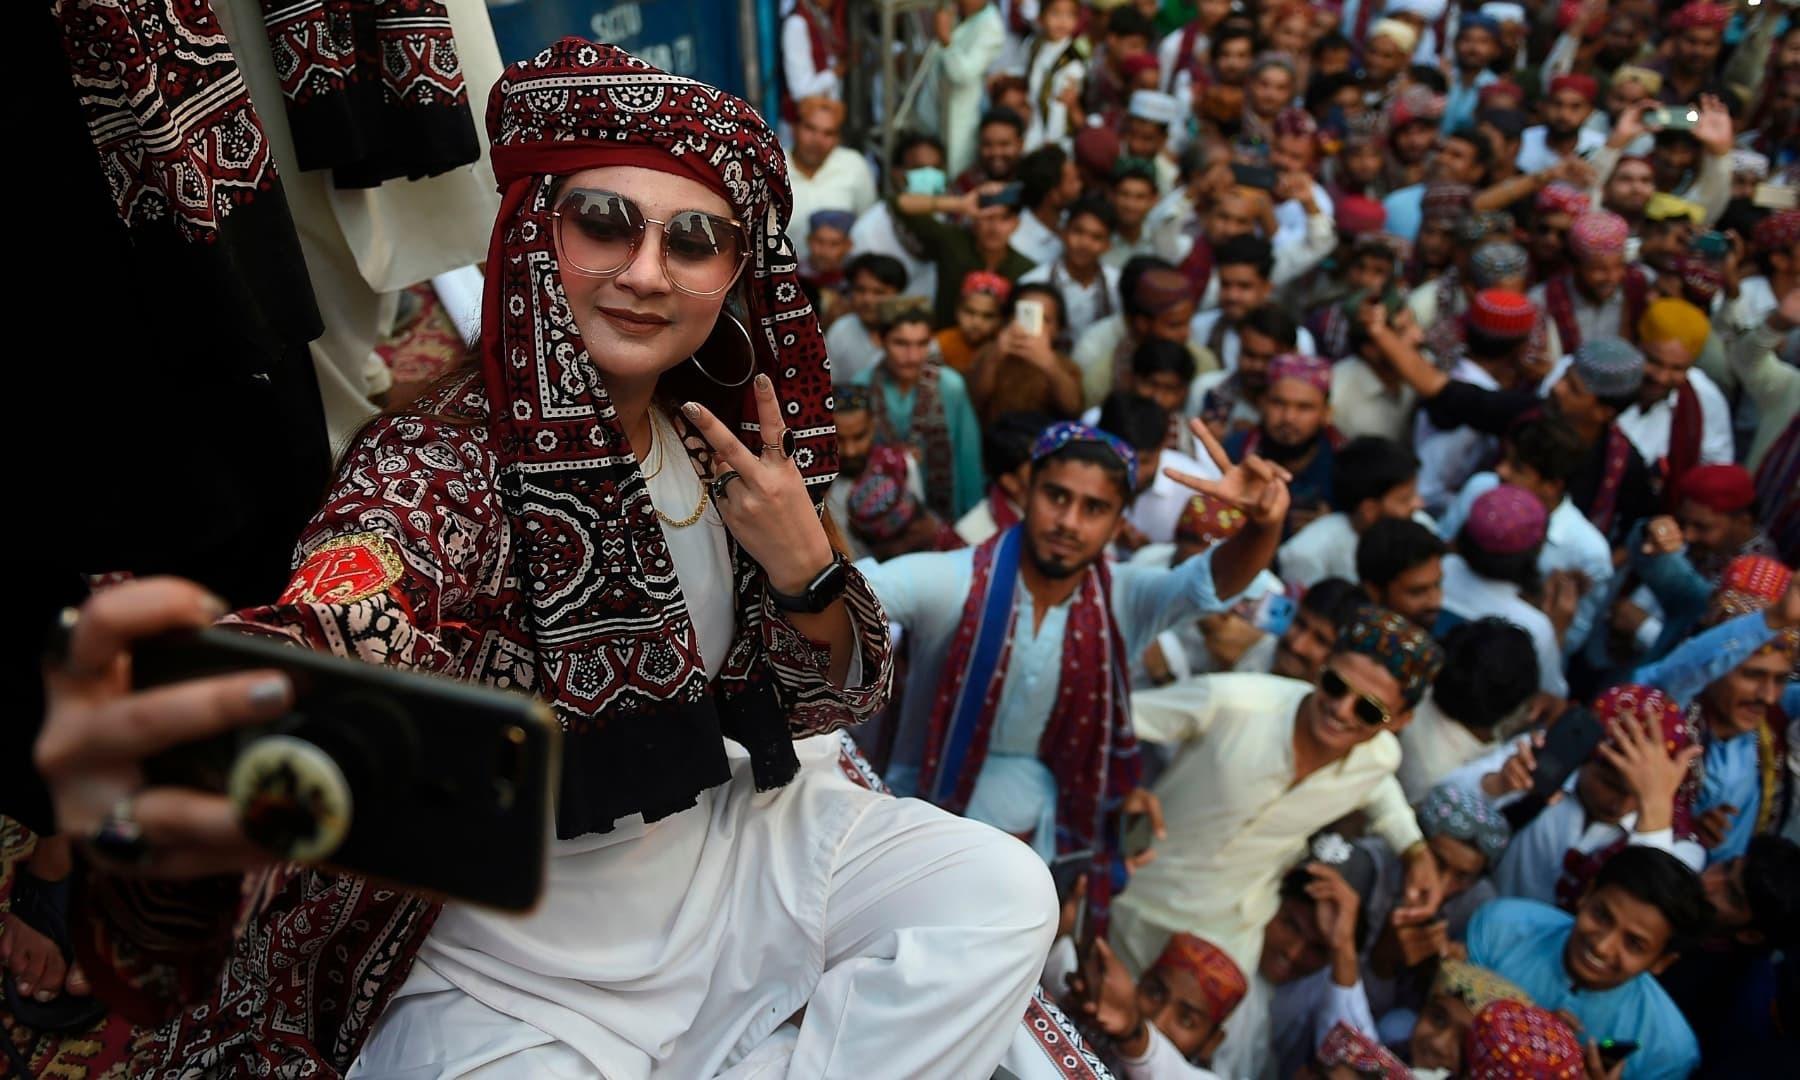 سندھی کلچرل ڈے کے موقع پر شہریوں کاجوش قابل دید تھا—فوٹو: اے ایف پی